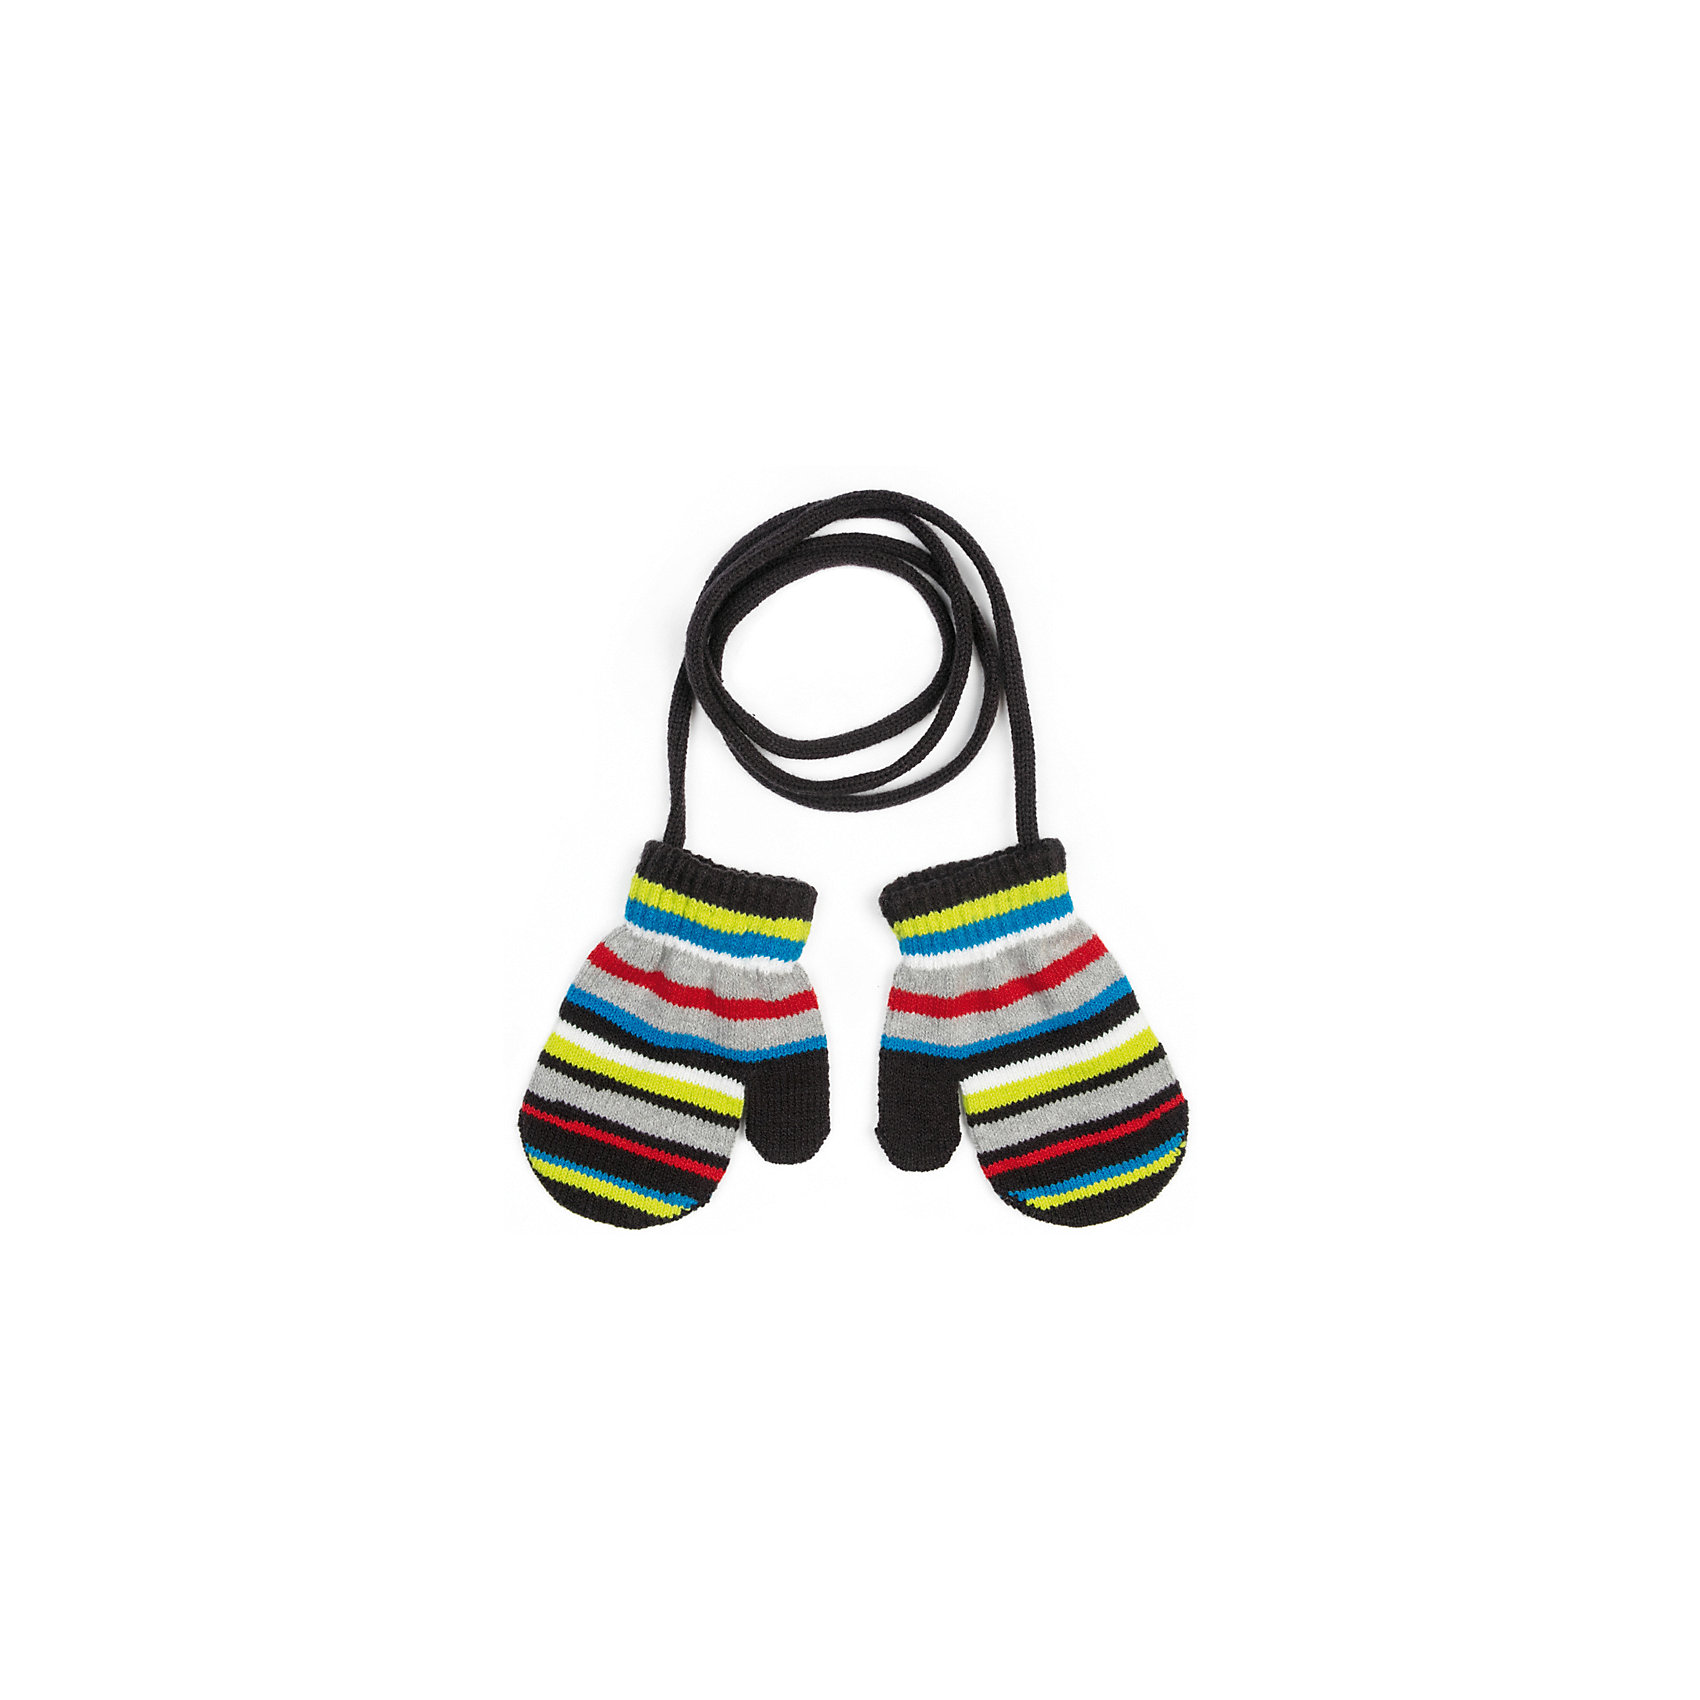 Варежки PlayToday для мальчикаПерчатки, варежки<br>Варежки PlayToday для мальчика<br>Двуслойные вязаные варежки - отличное решение для холодной погоды. Модель на веревке, удобно протягивать через рукава верхней одежды. Такие варежки ребенок никогда не потеряет. Изделие выполнено в технике - yarn dyed - в процессе производства используются разного цвета нити. При рекомендуемом уходе изделие не линяет и надолго остается в первоначальном виде.<br>Состав:<br>58% хлопок, 40% акрил, 2% эластан<br><br>Ширина мм: 162<br>Глубина мм: 171<br>Высота мм: 55<br>Вес г: 119<br>Цвет: белый<br>Возраст от месяцев: 9<br>Возраст до месяцев: 12<br>Пол: Мужской<br>Возраст: Детский<br>Размер: 0,1<br>SKU: 7106256